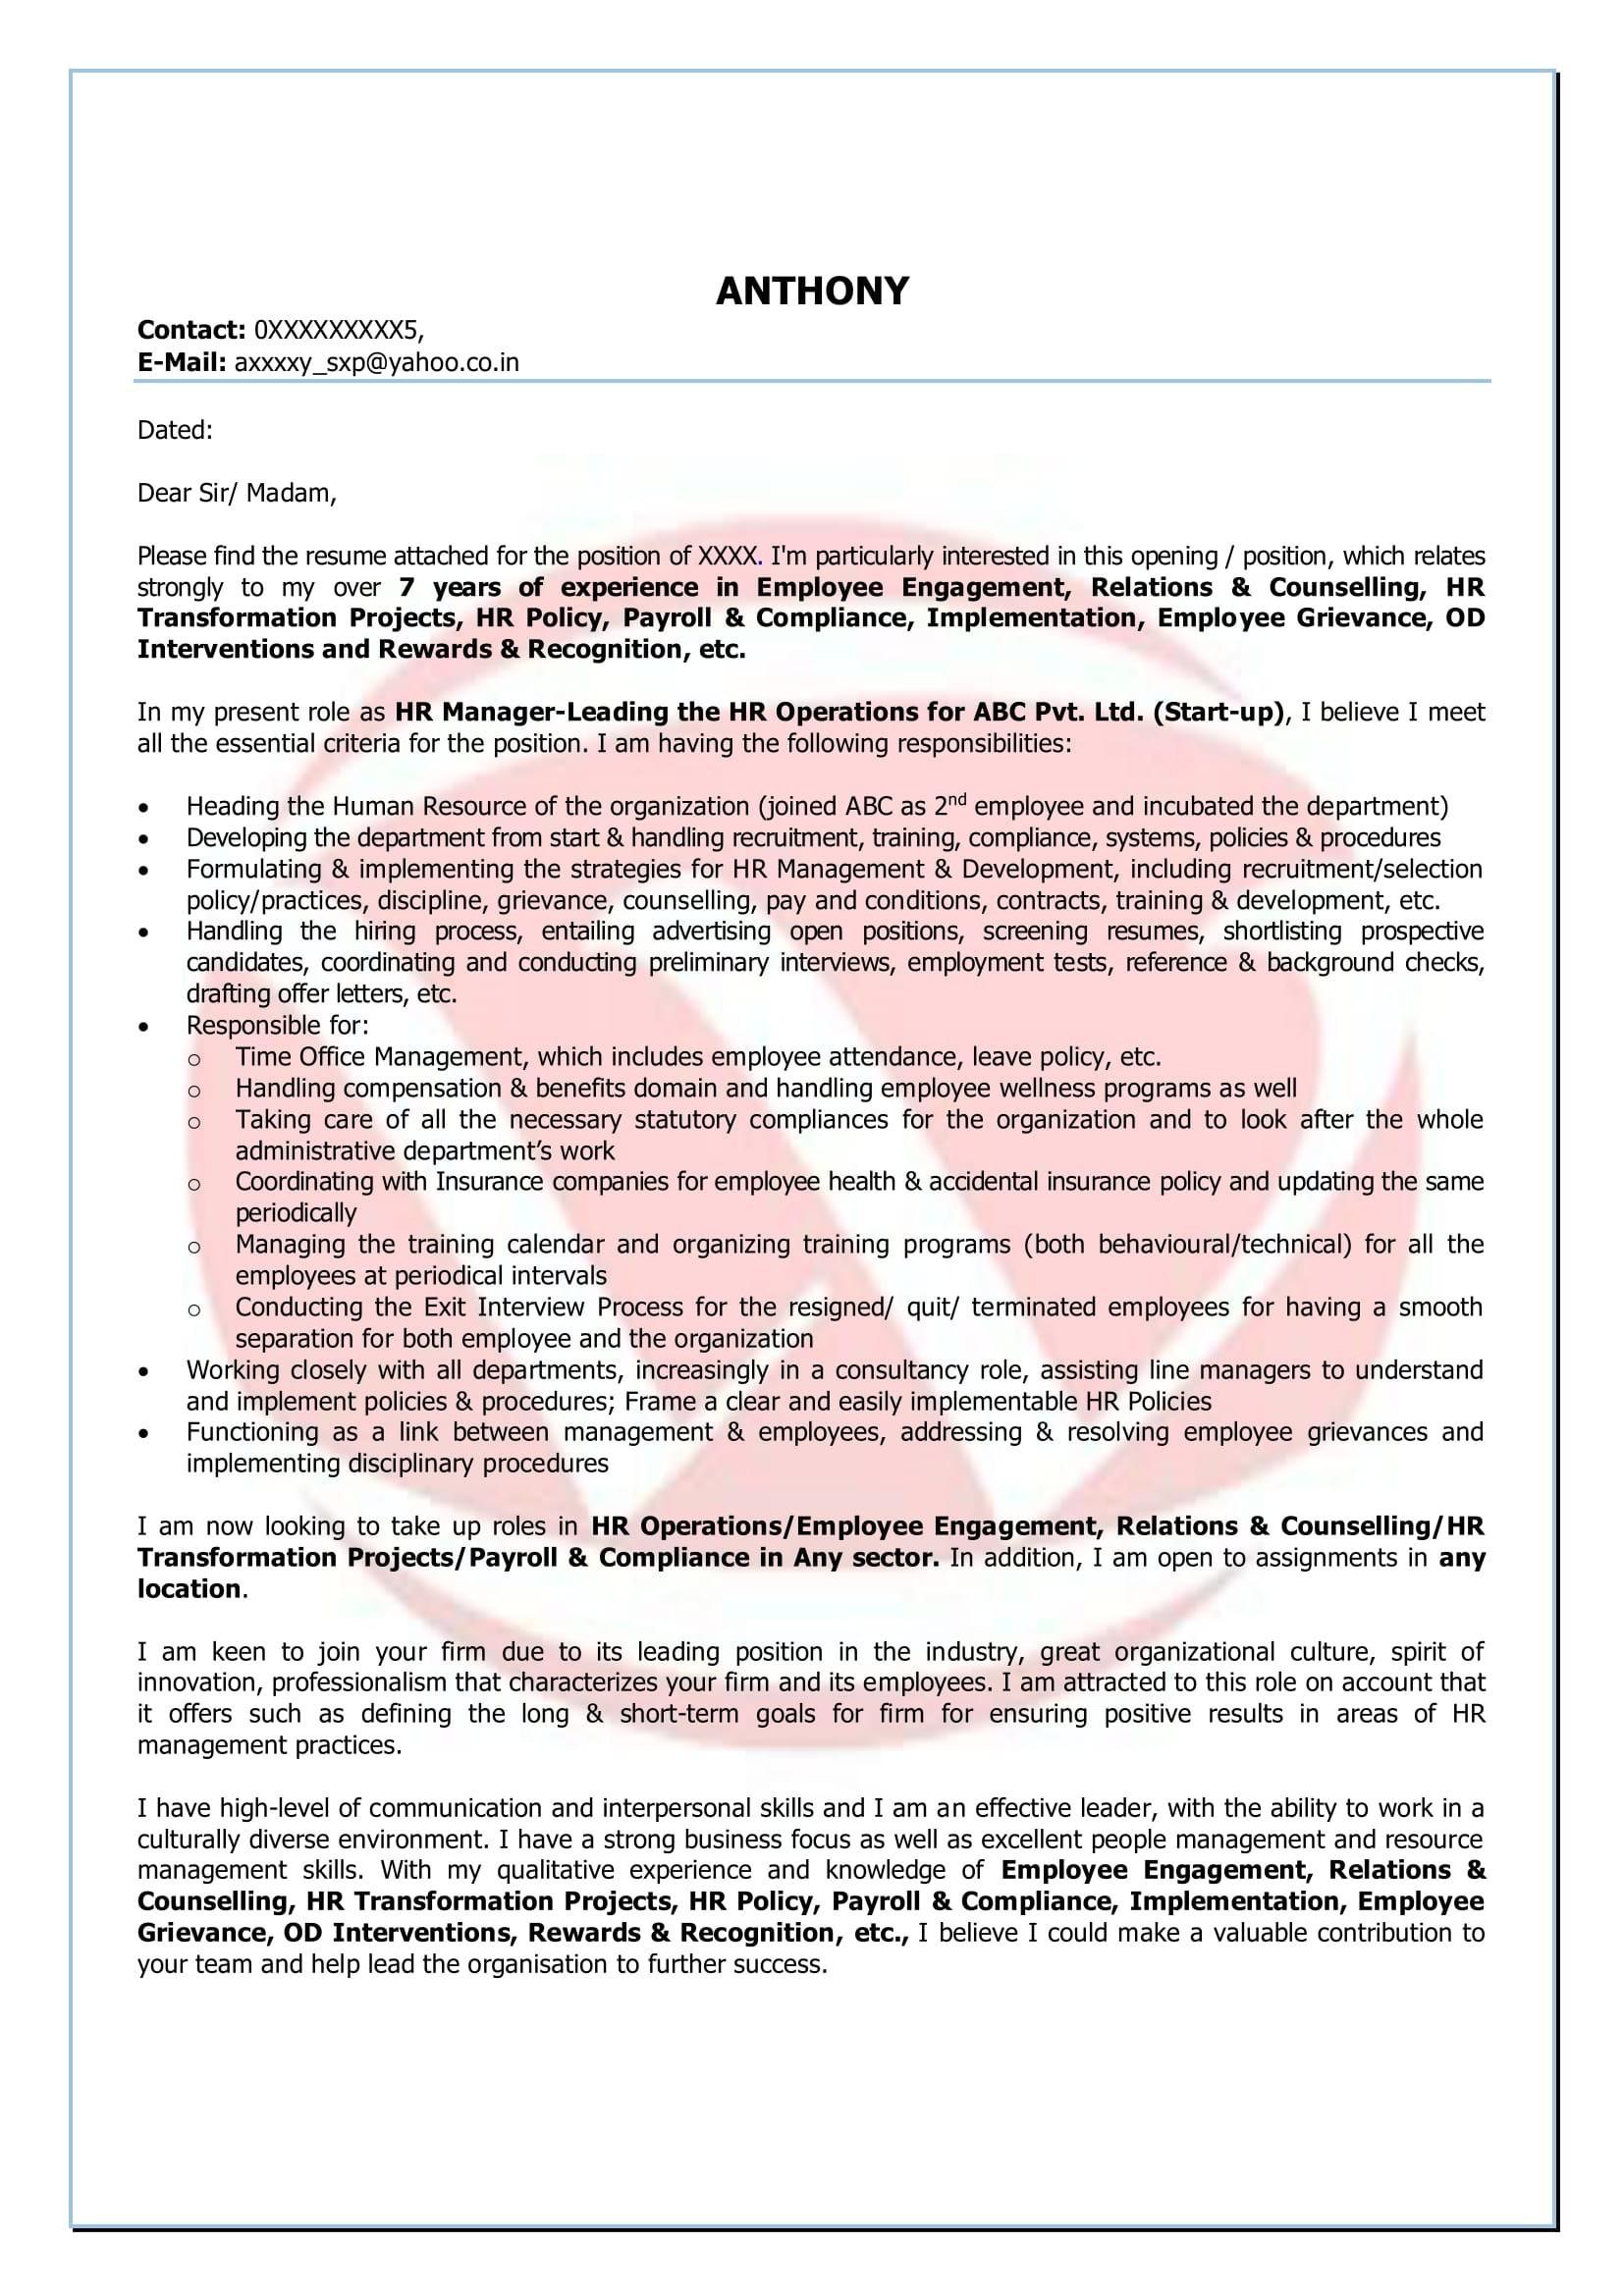 Official Job Offer Letter Template - Job Fer Letter Sample Save Executive Job Fer Letter Sample Valid